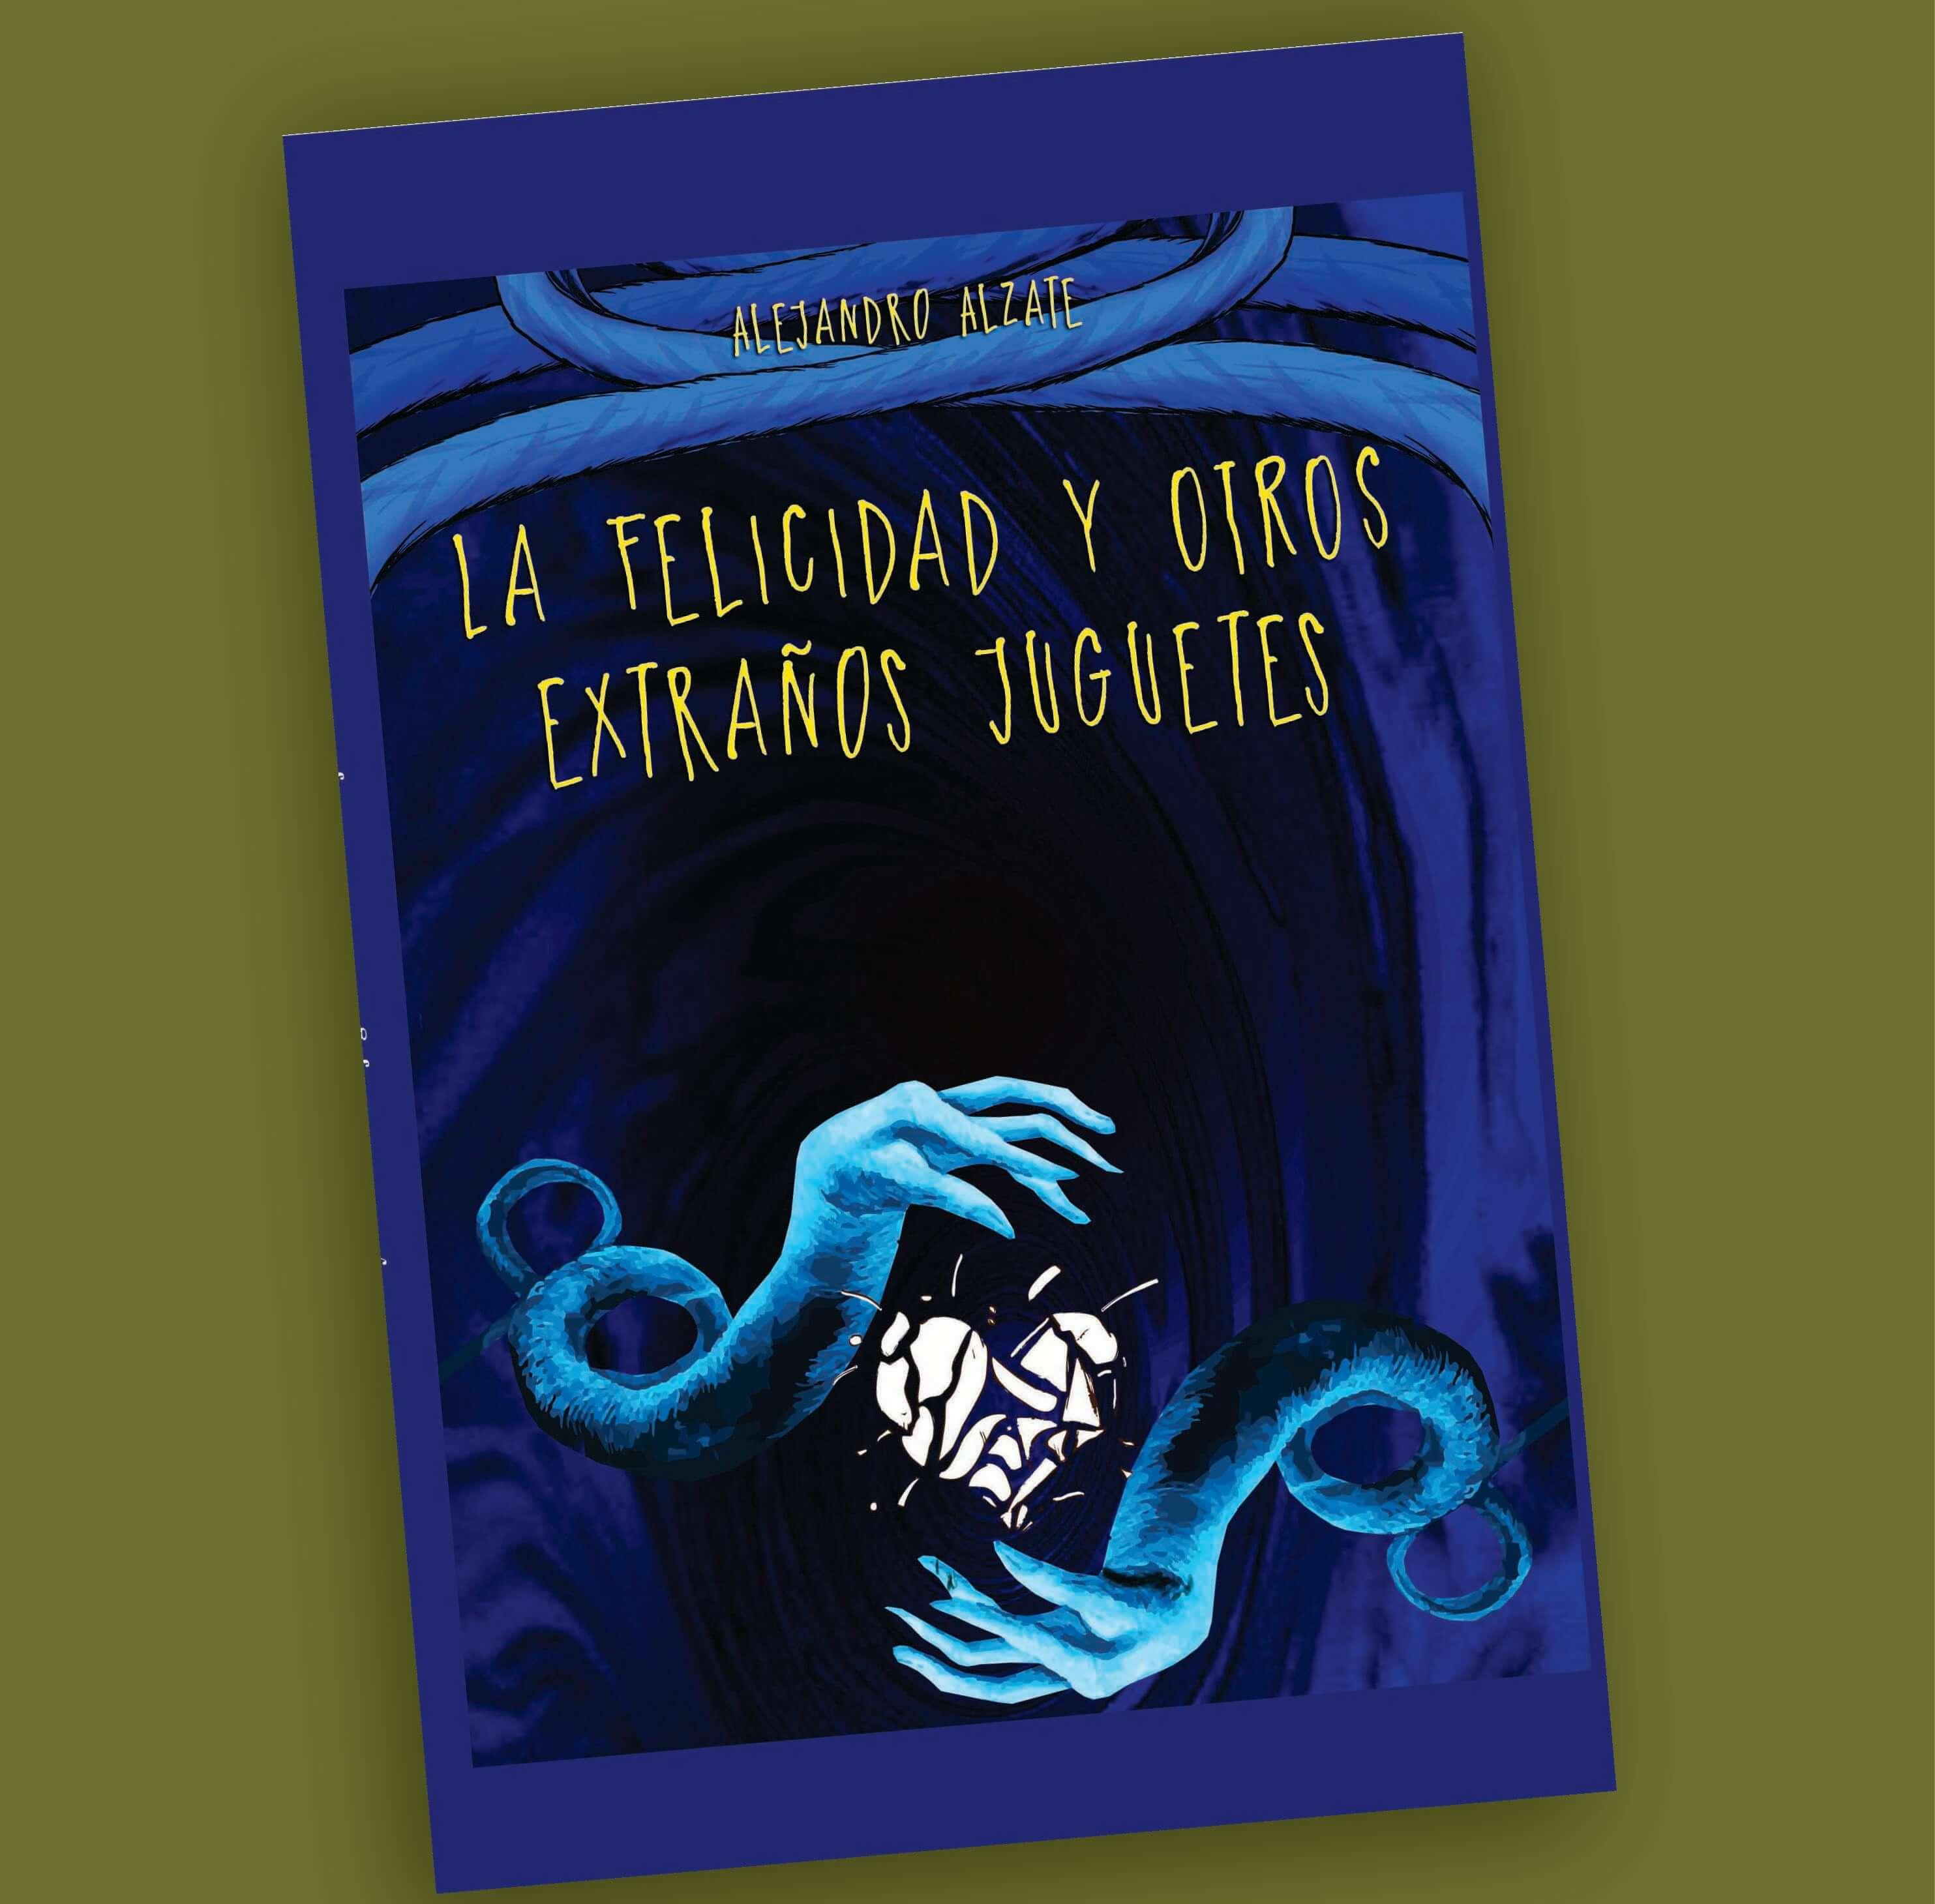 La felicidad y otros extraños juguetes-Alejandro Alazate